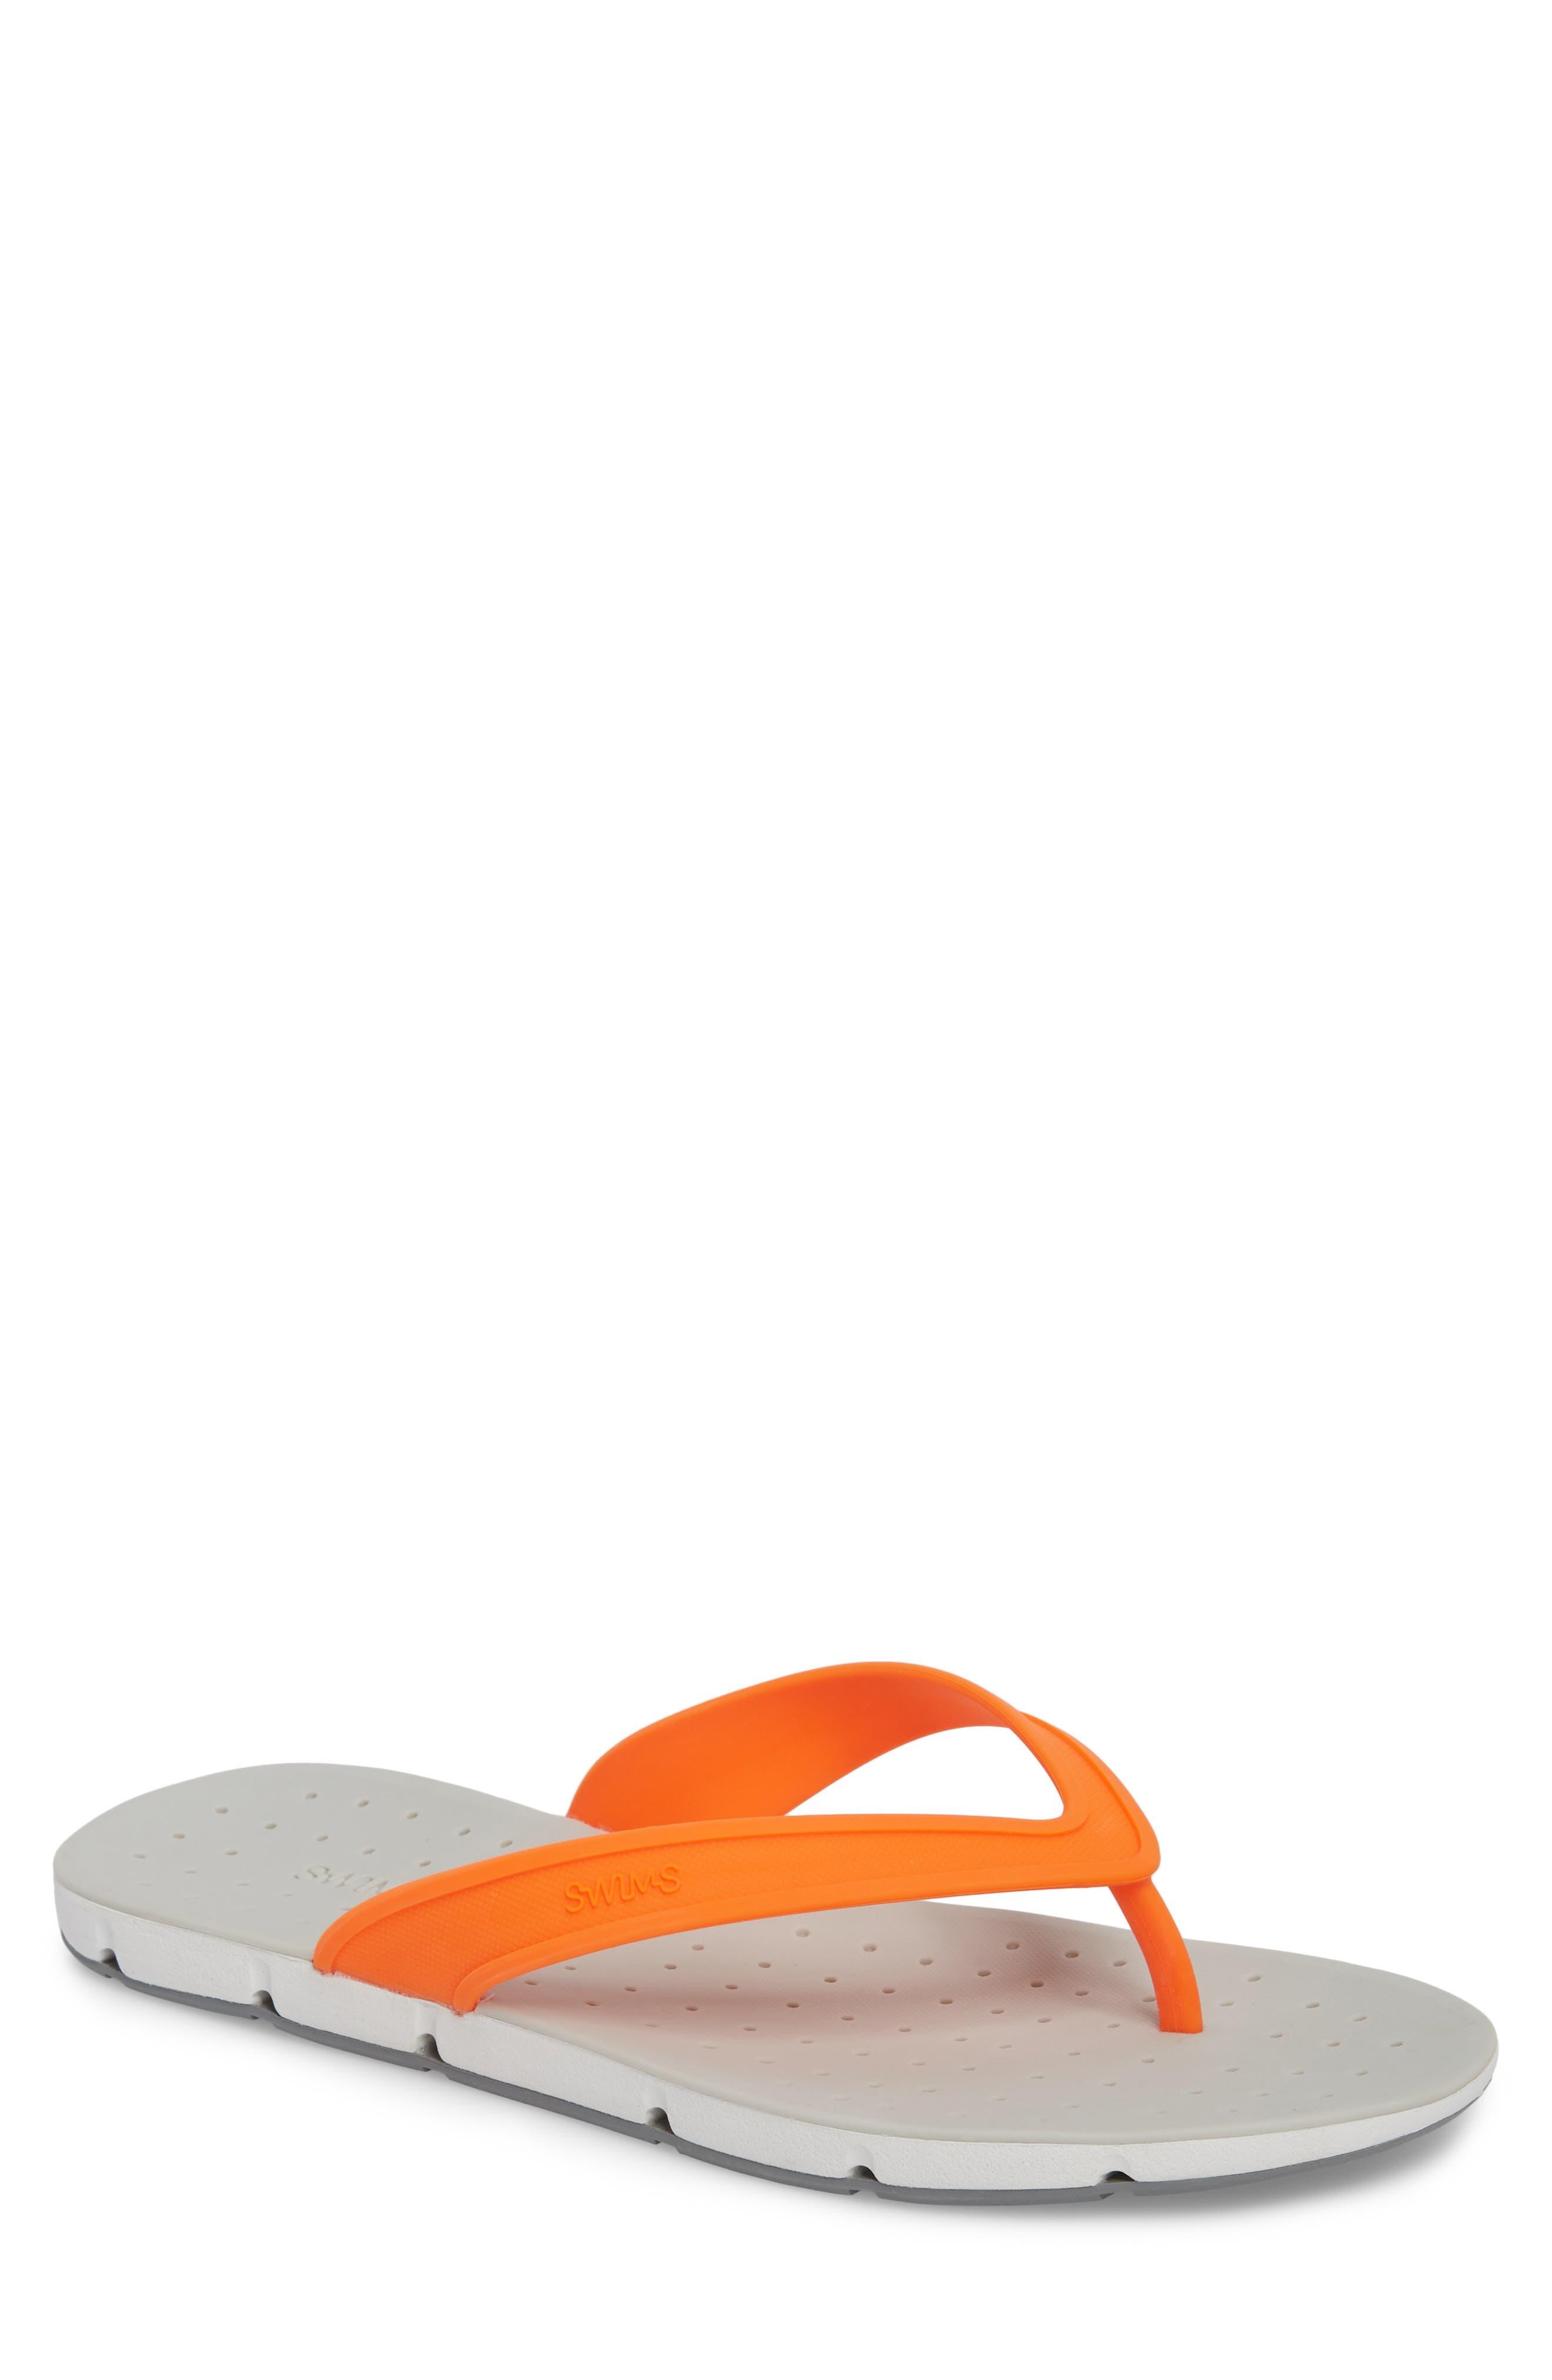 Breeze Flip Flop,                             Main thumbnail 1, color,                             Orange/ White/ Grey Fabric